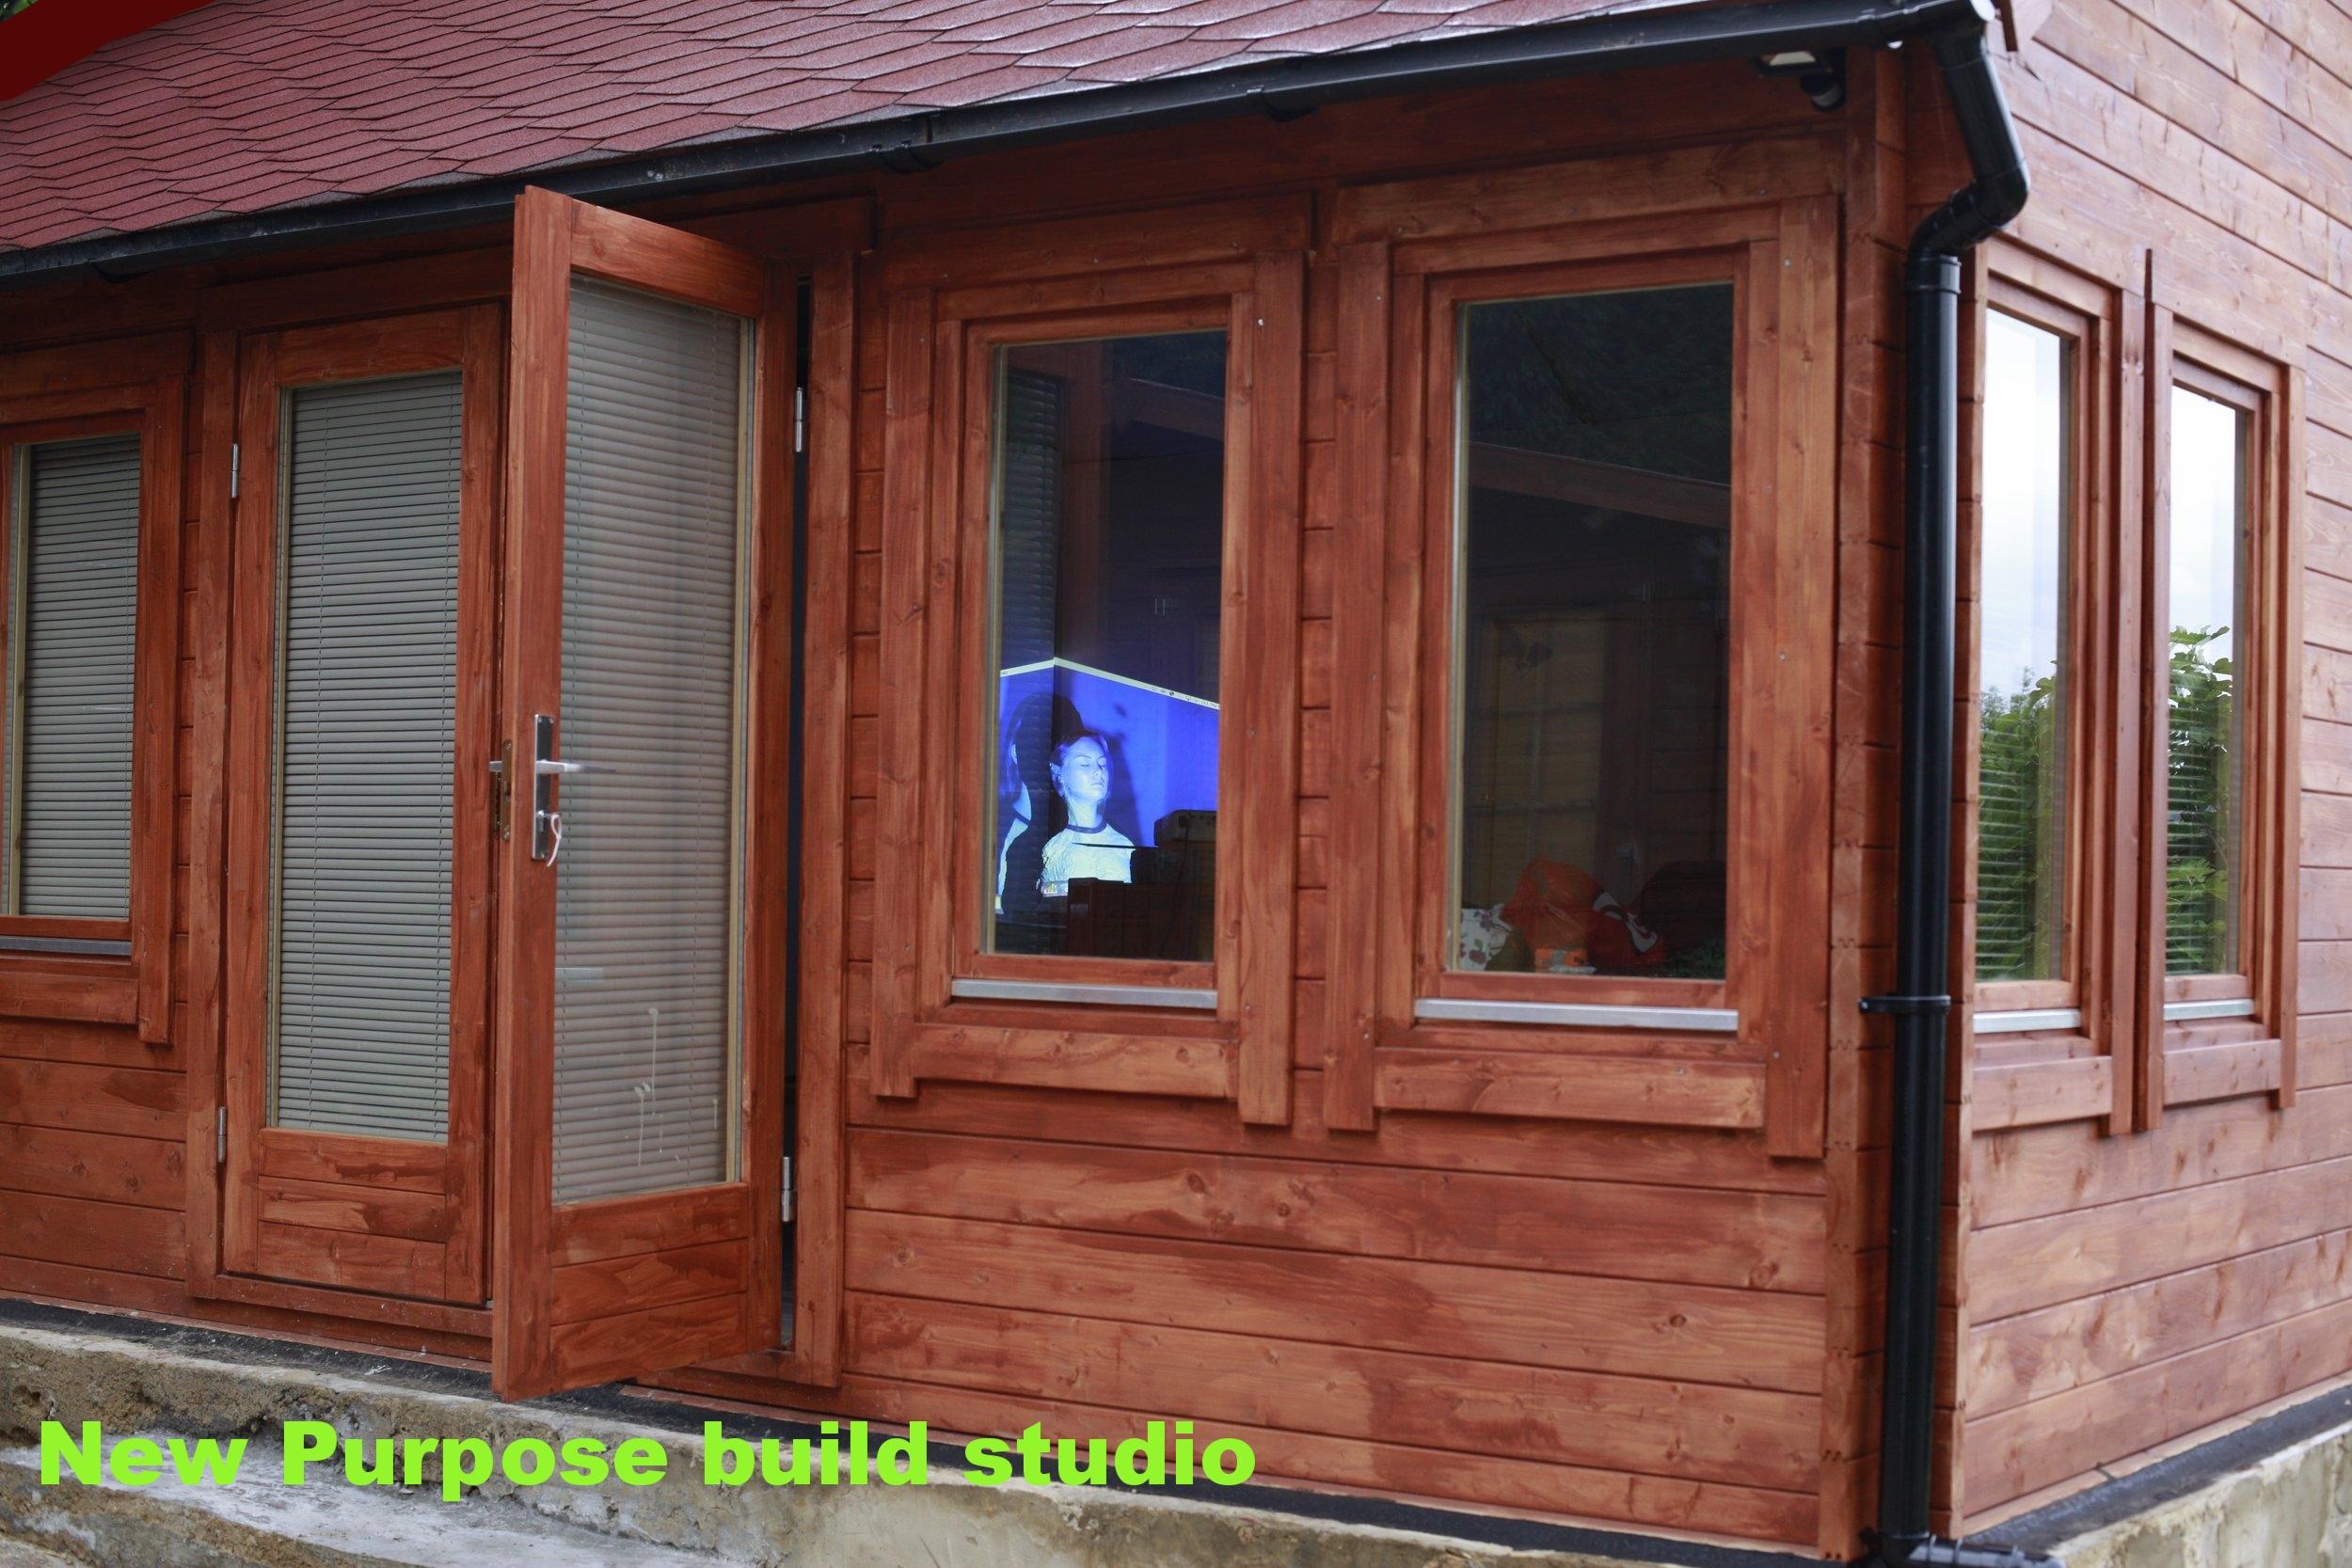 NEW LONDON STUDIO